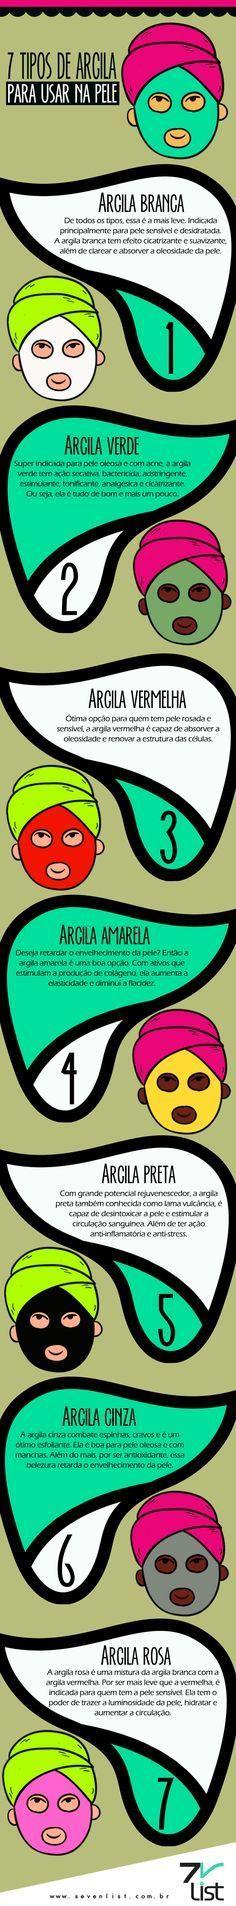 7 cores de Argila e os benefícios para a pele